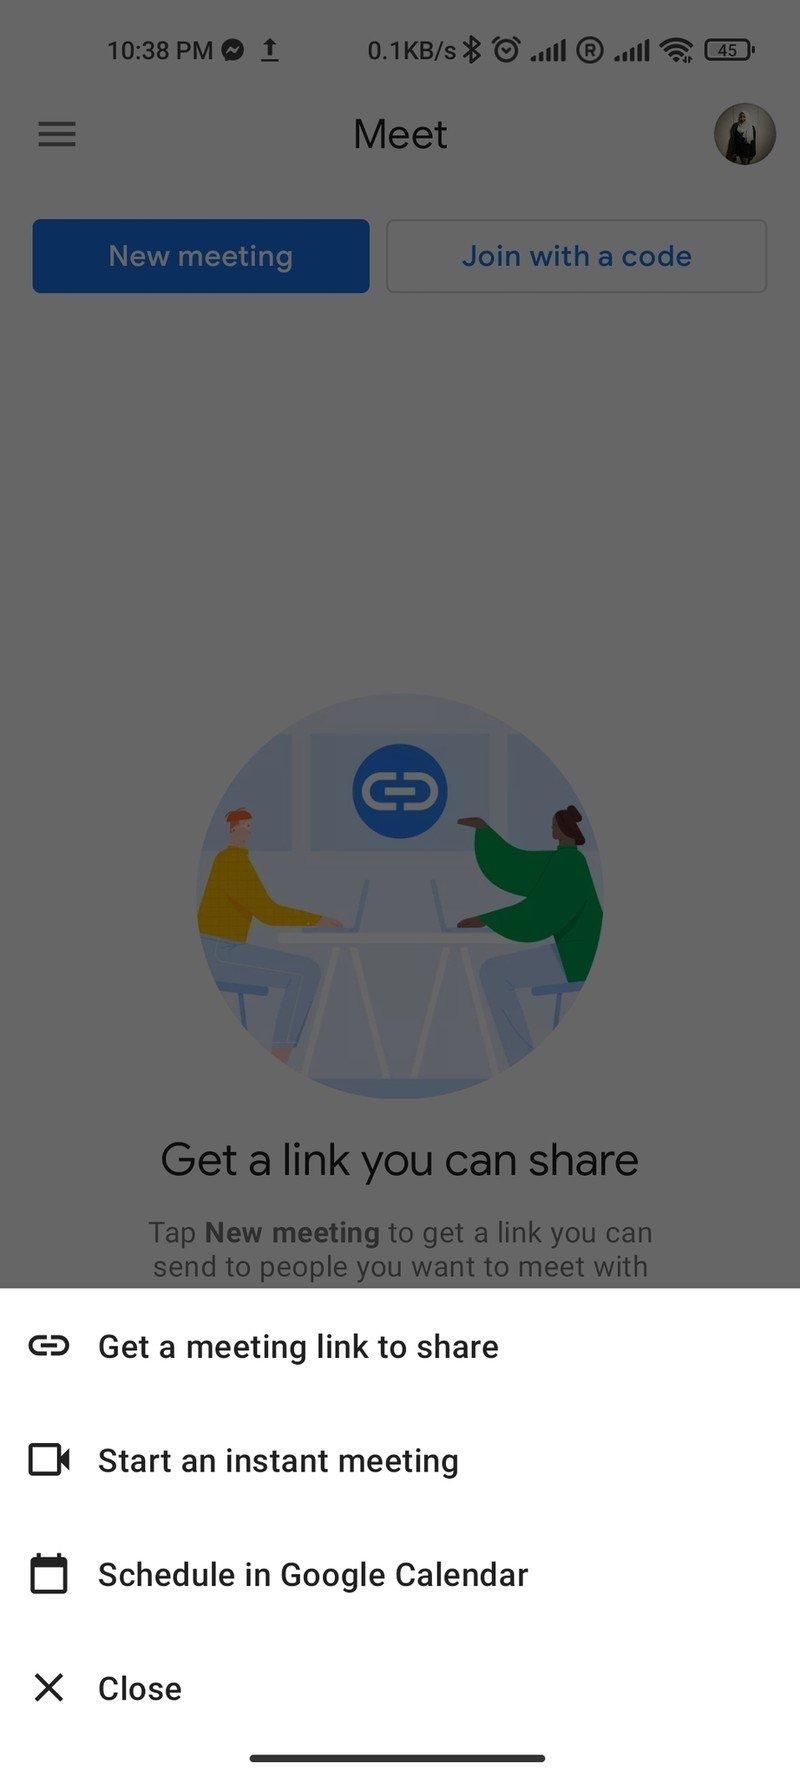 google-meet-captions-2.jpg